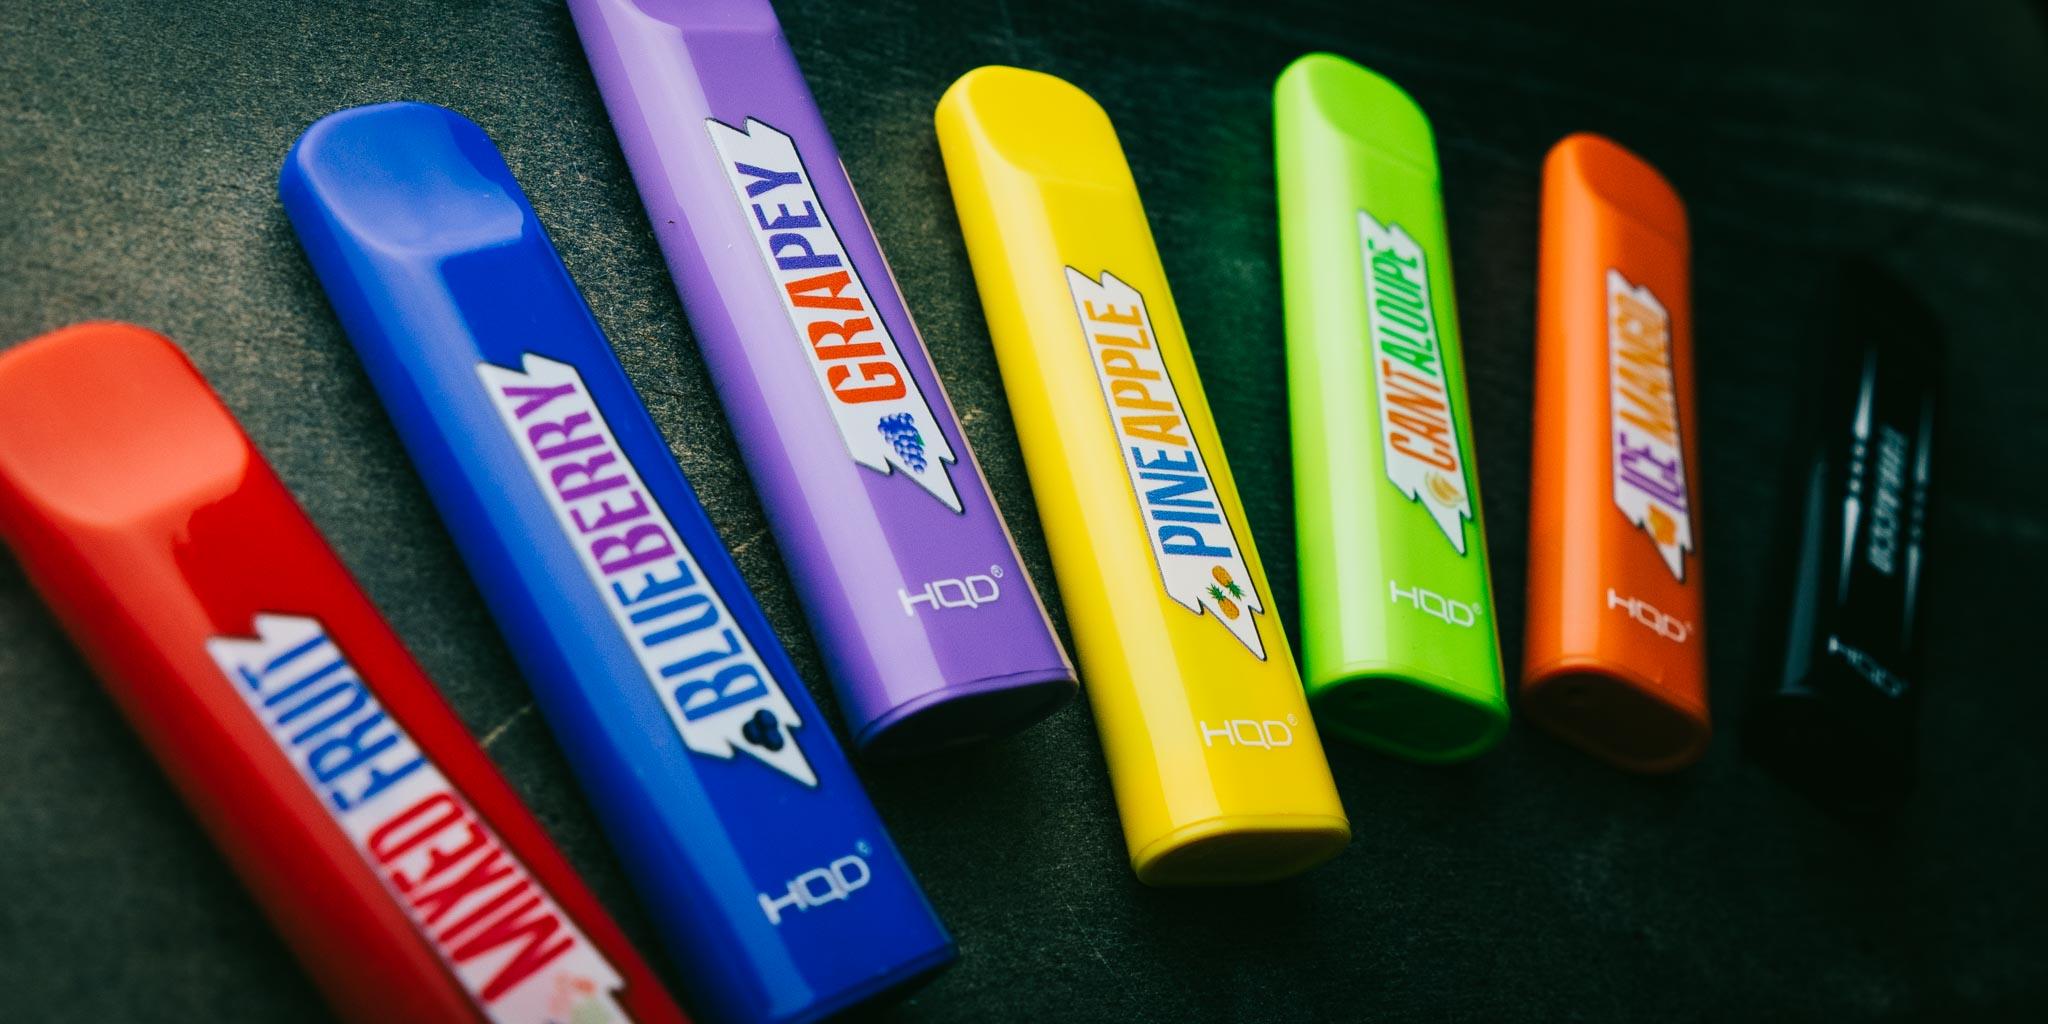 Электронные сигареты hqd вредность одноразовые отзывы электронная сигарета купить joyetech